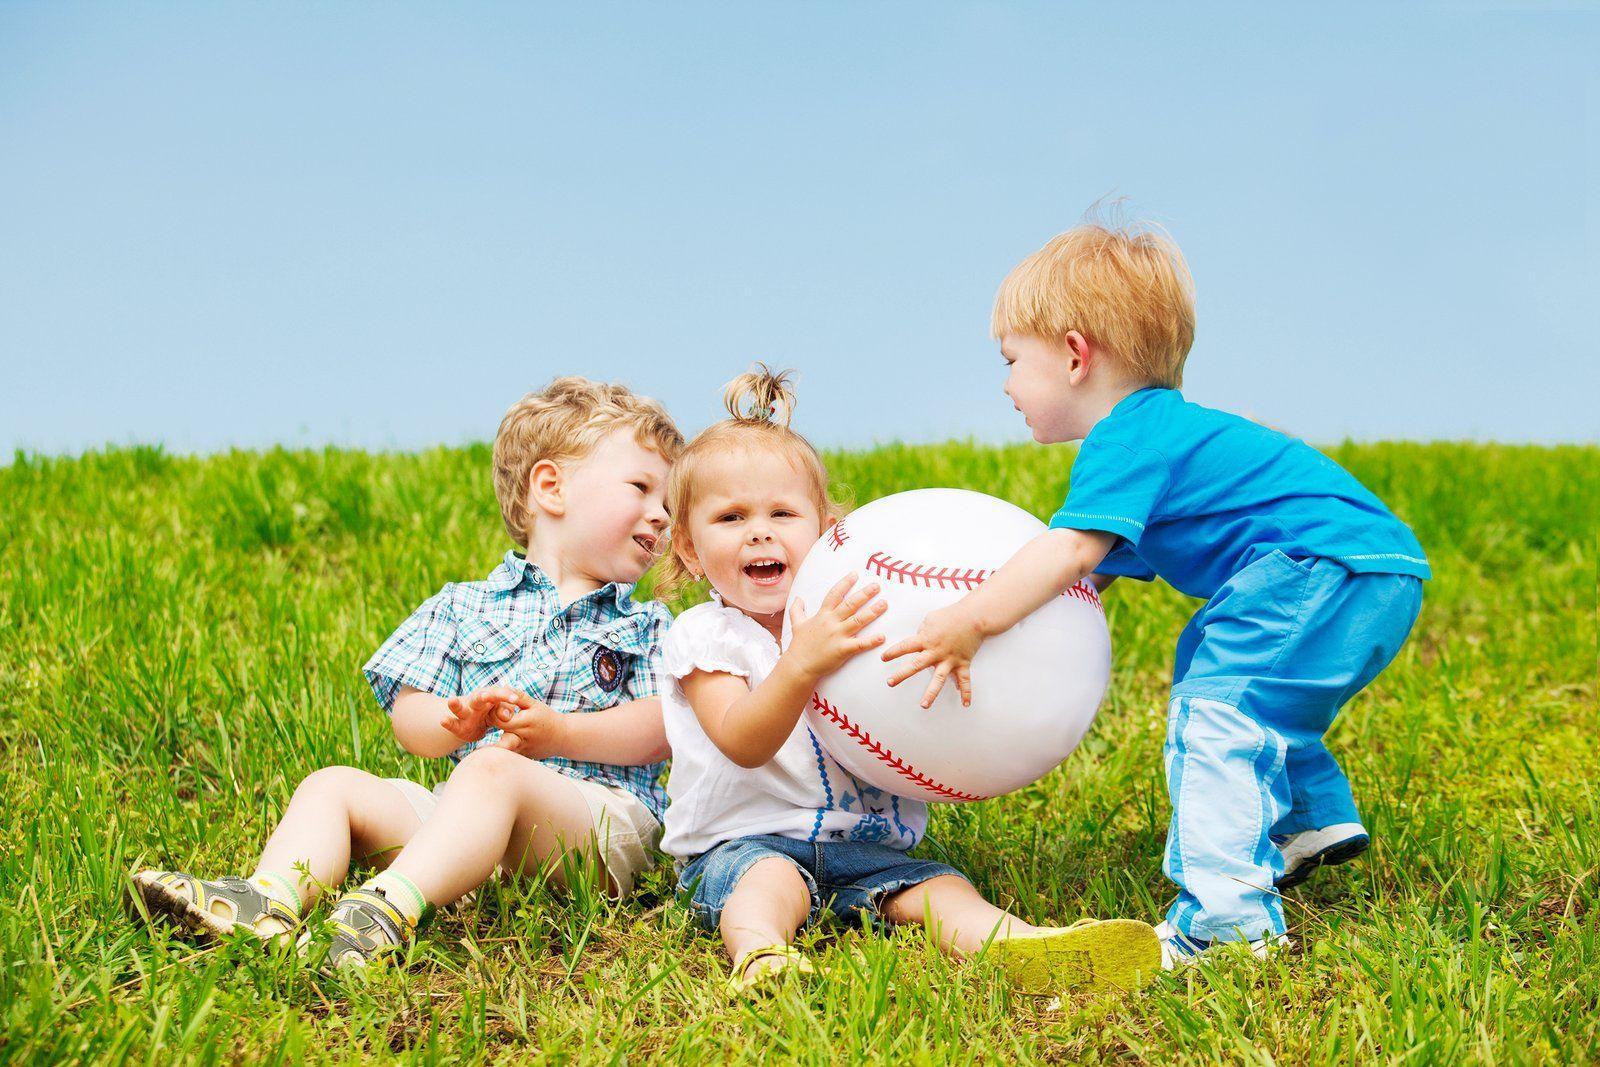 Маленькие дети распределили ресурсы в пользу более сильных